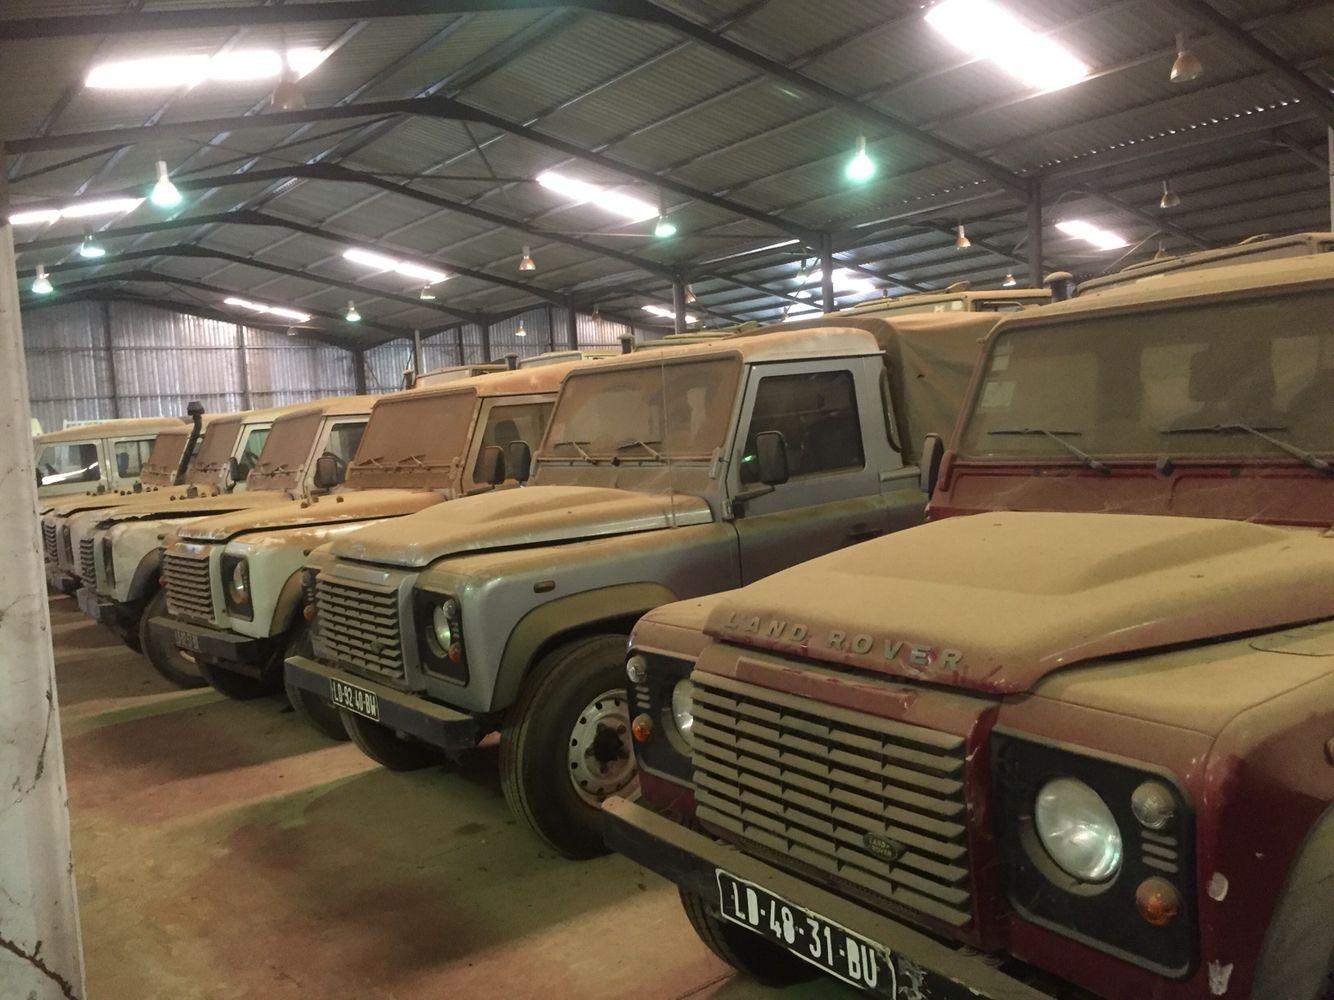 Defender Angola Land Rover Models Land Rover Suv 4x4